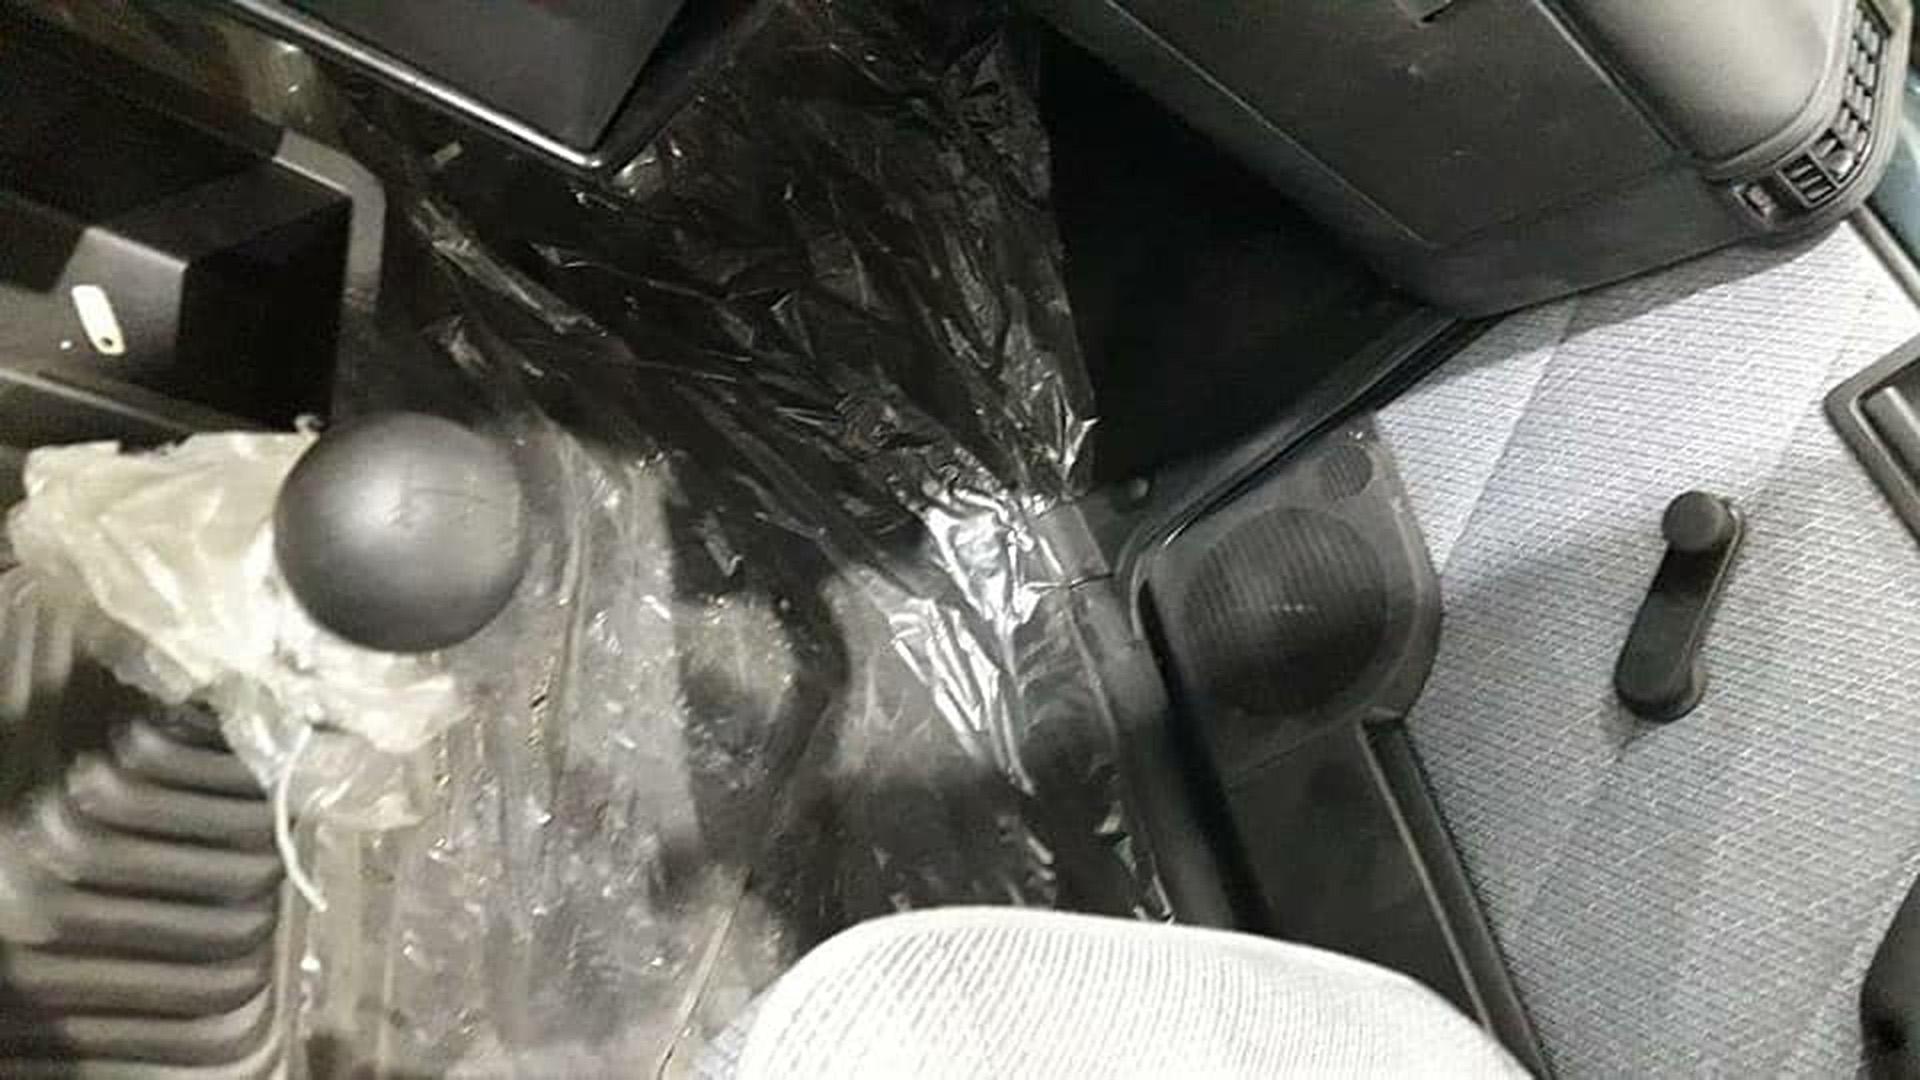 Alguns carros ainda tinham plásticos na cabine...